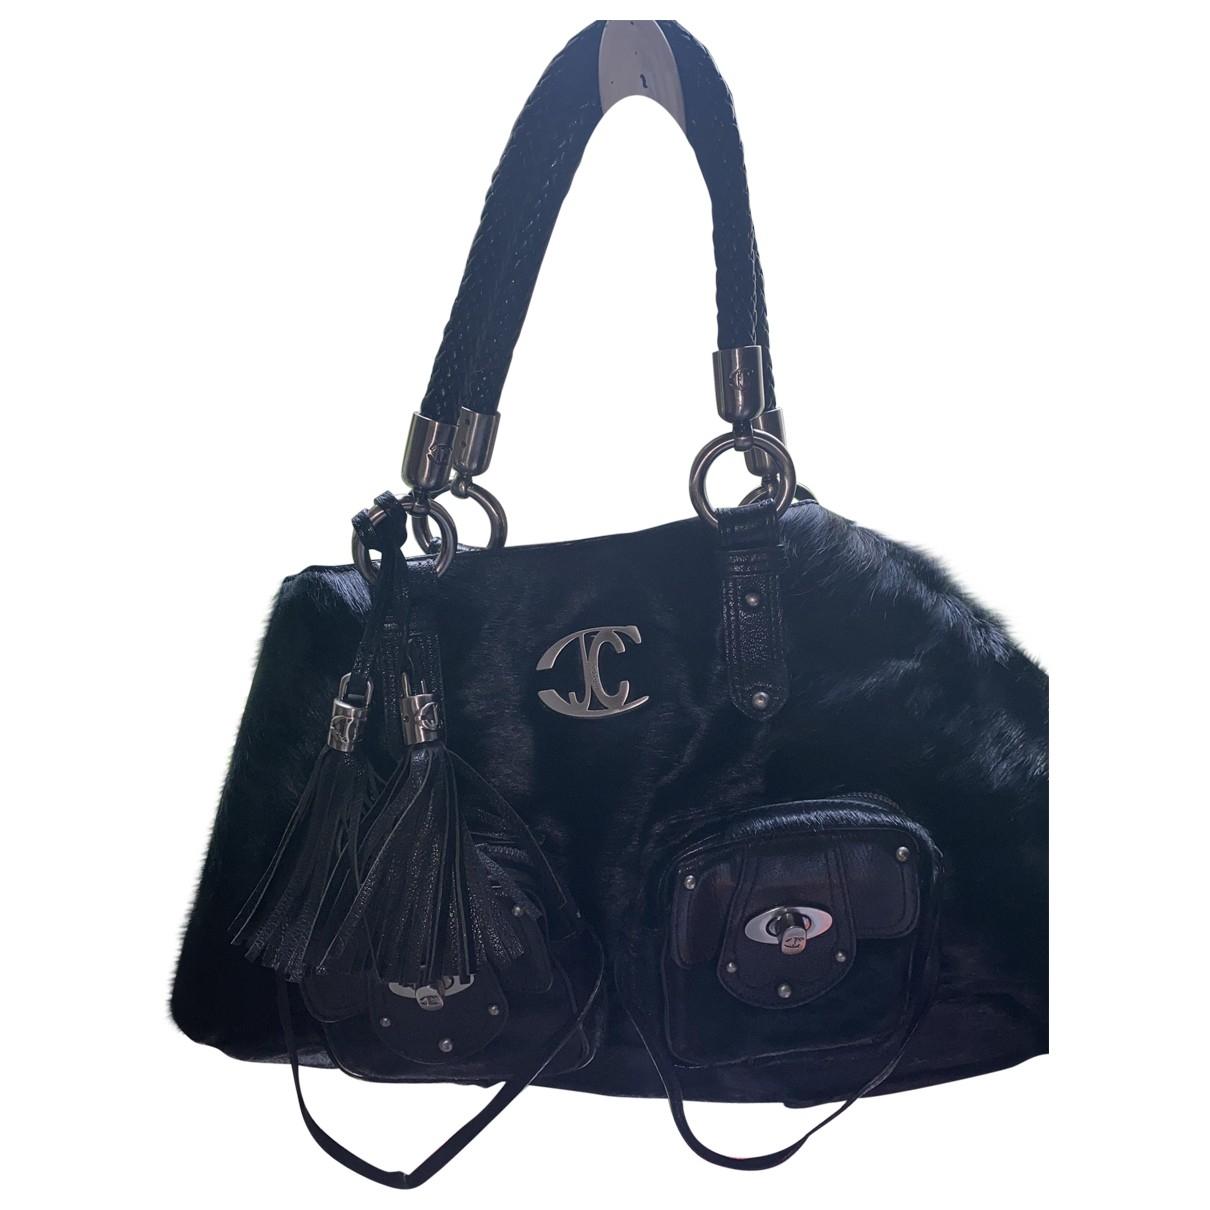 Just Cavalli \N Handtasche in  Schwarz Fell